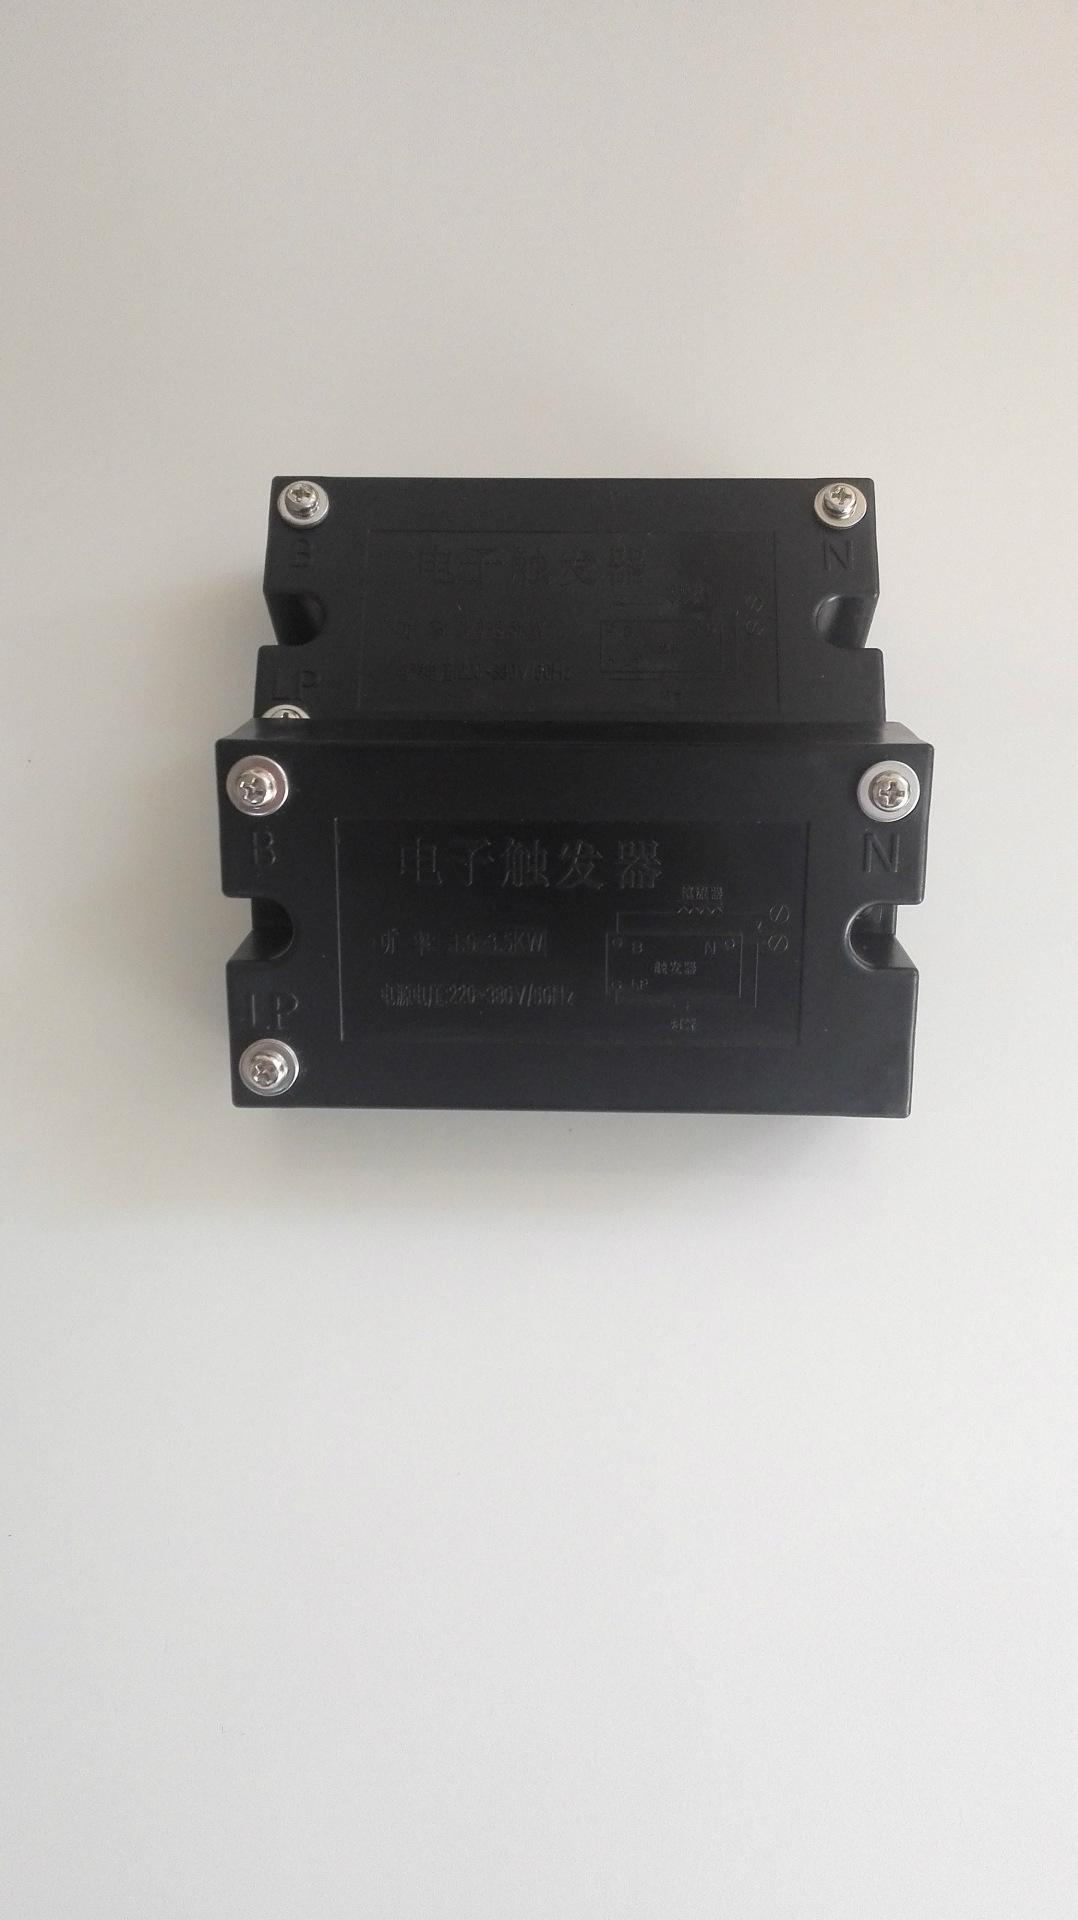 供应UV灯触发器1-3 psd 电子能用触发器 触发灯具